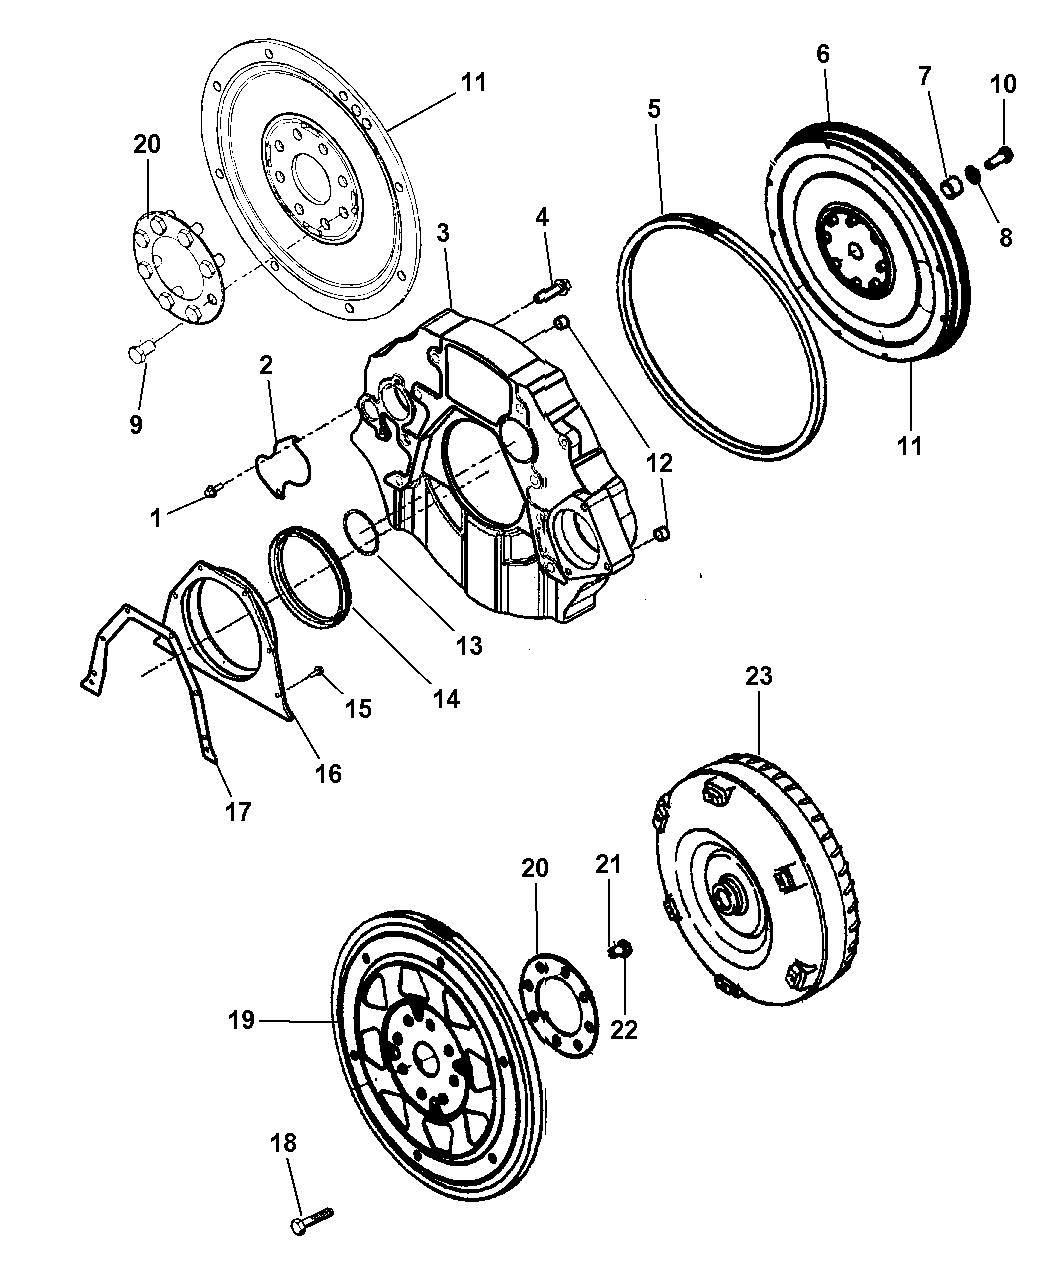 2008 Dodge Ram 5500 Flywheel And Torque Converter